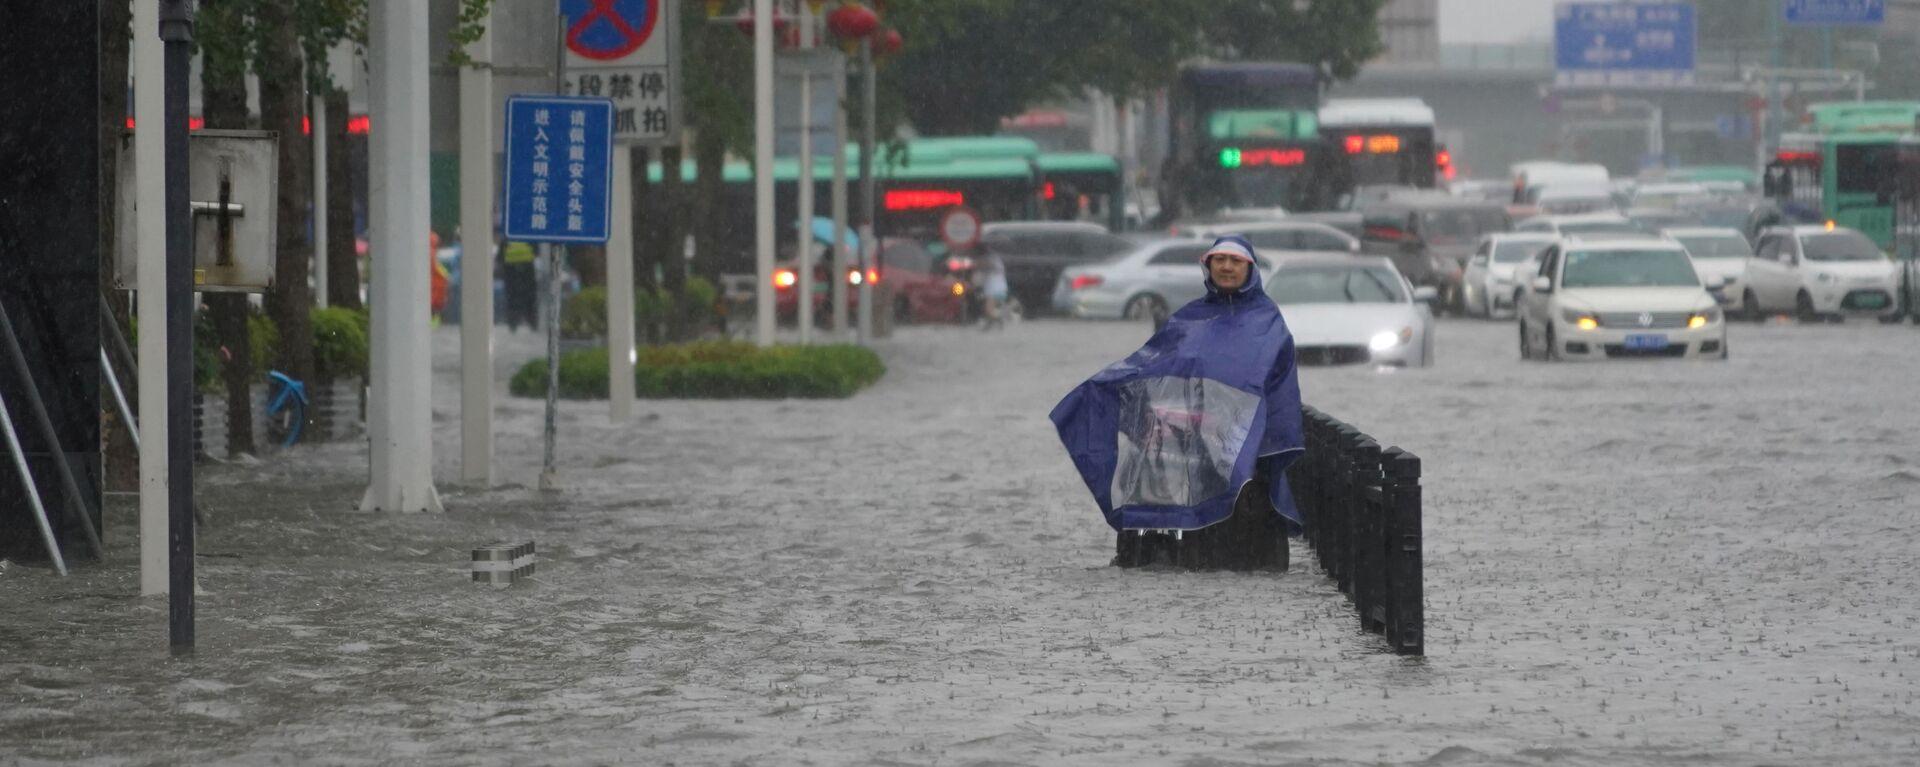 Mieszkaniec na zalanej ulicy w chińskiej prowincji Henan - Sputnik Polska, 1920, 21.07.2021